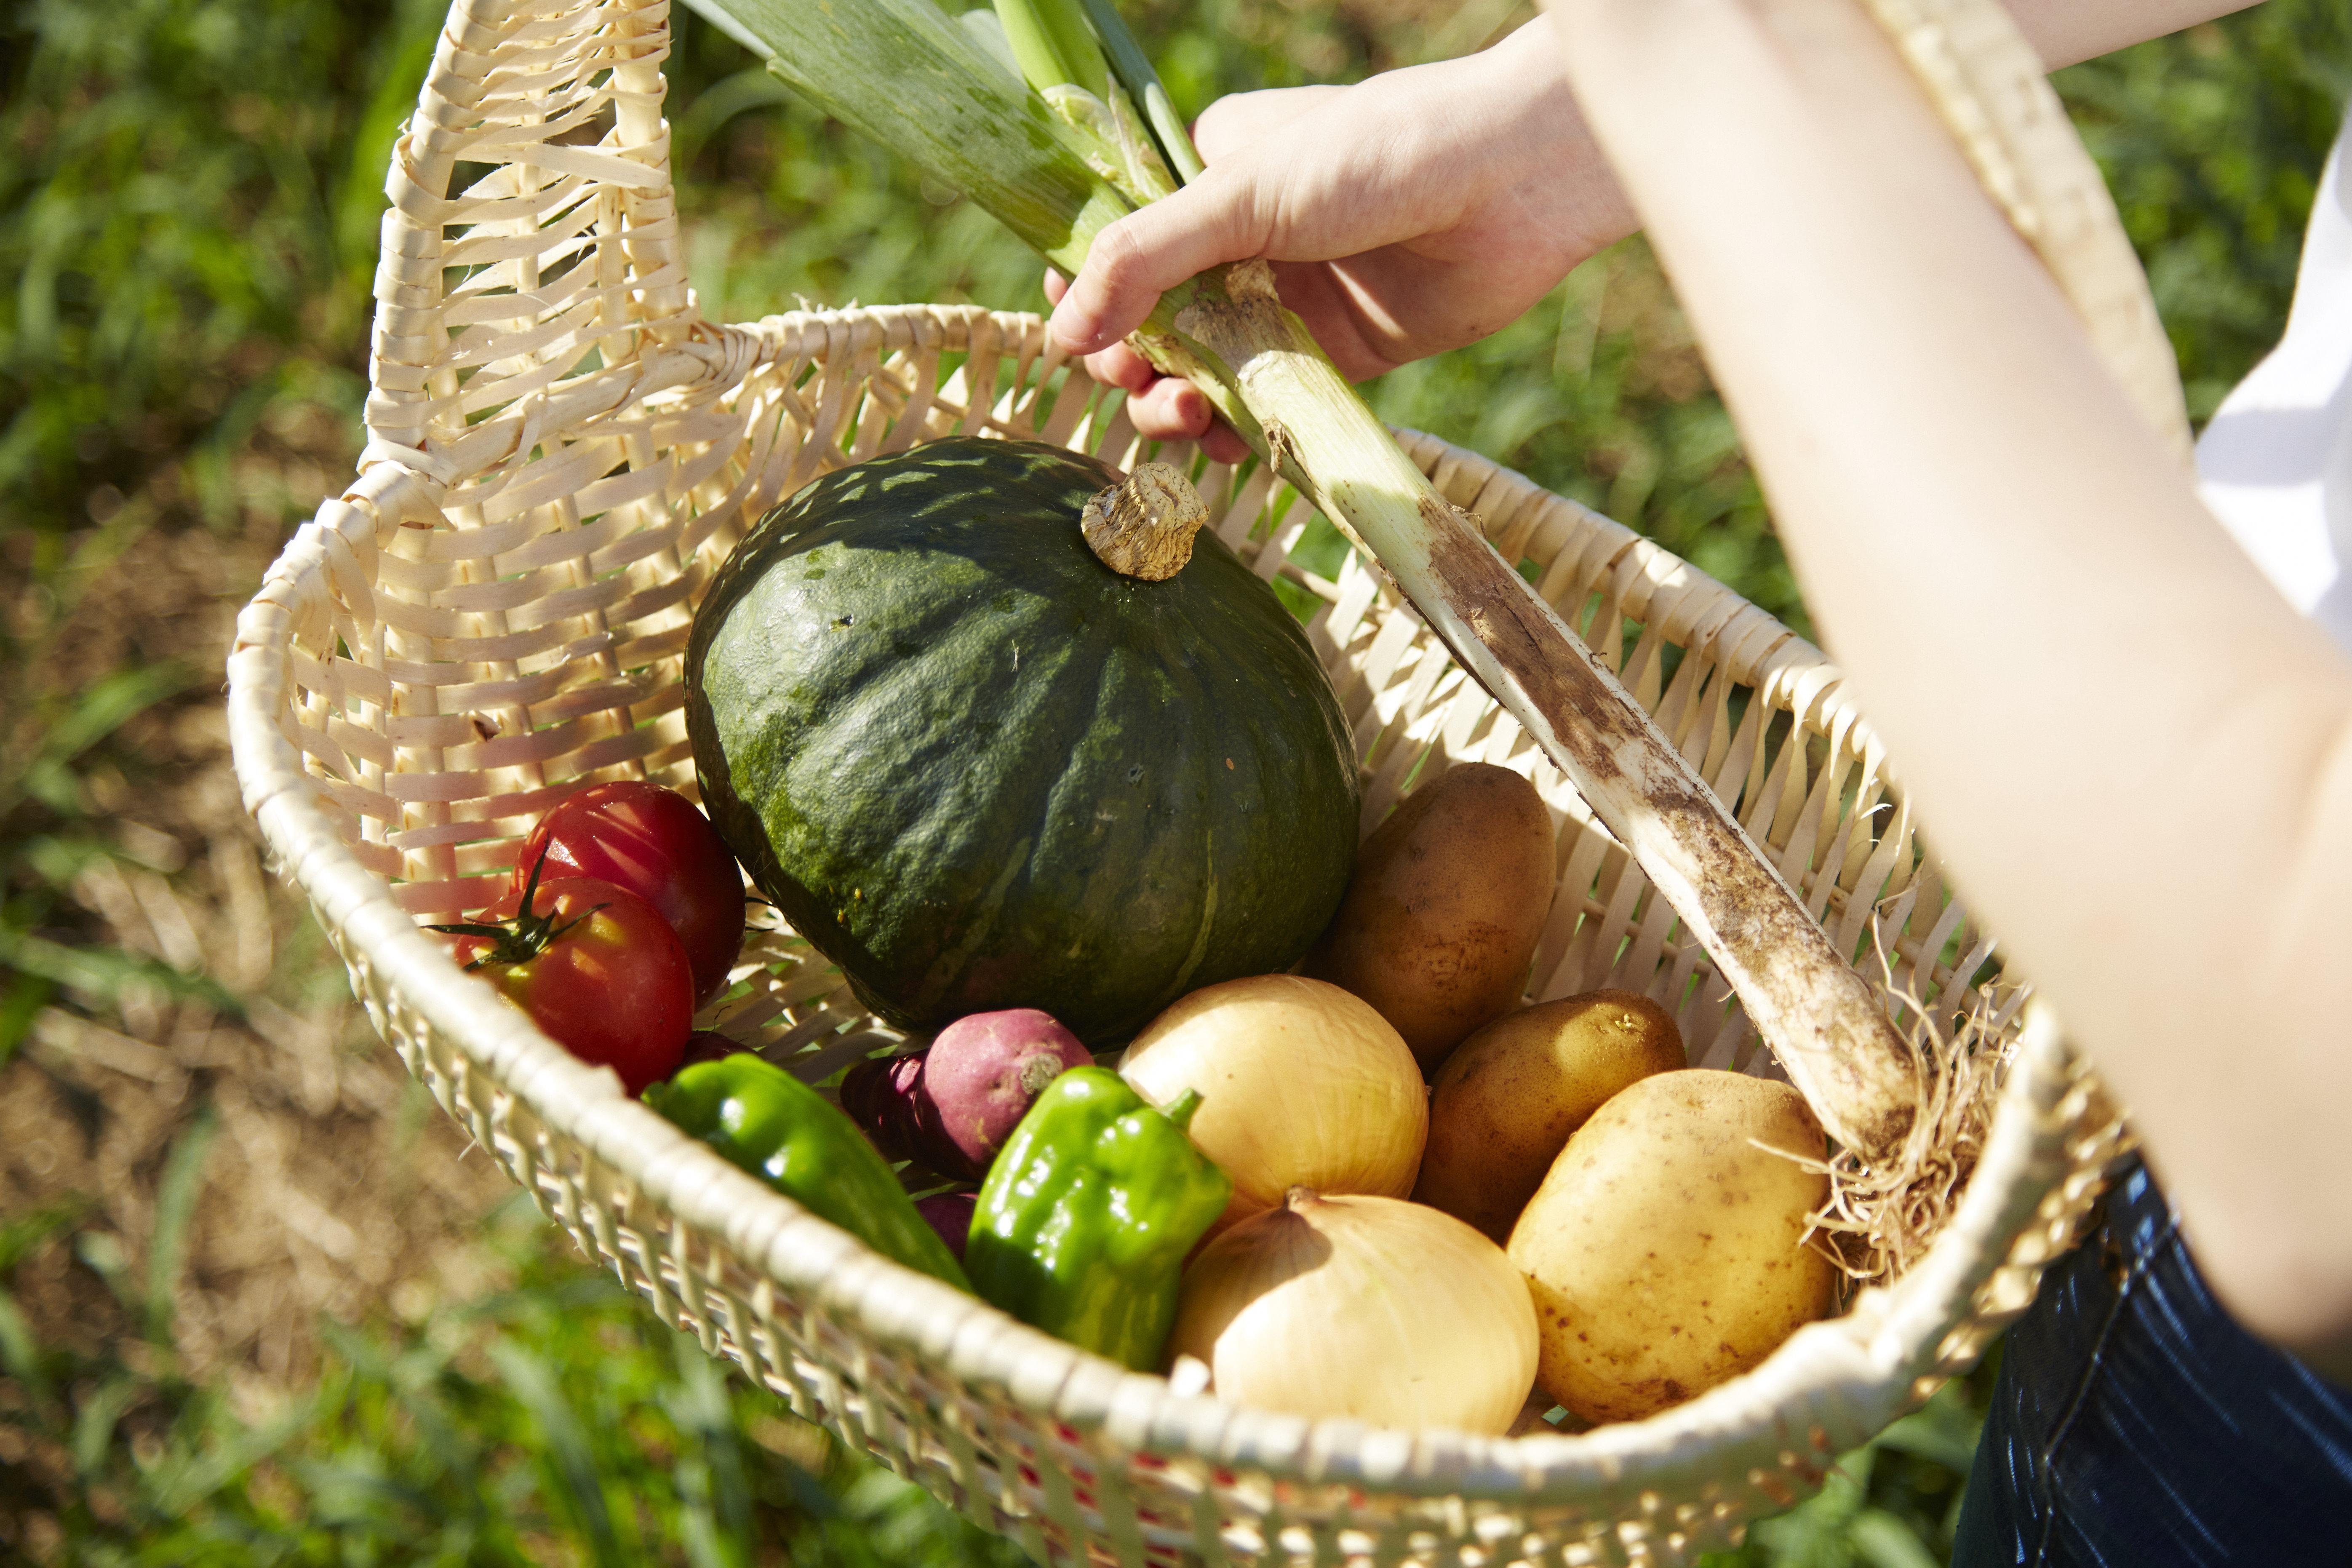 千葉ウシノヒロバ 取り扱う地元野菜のイメージ※実際の販売商品とは異なります